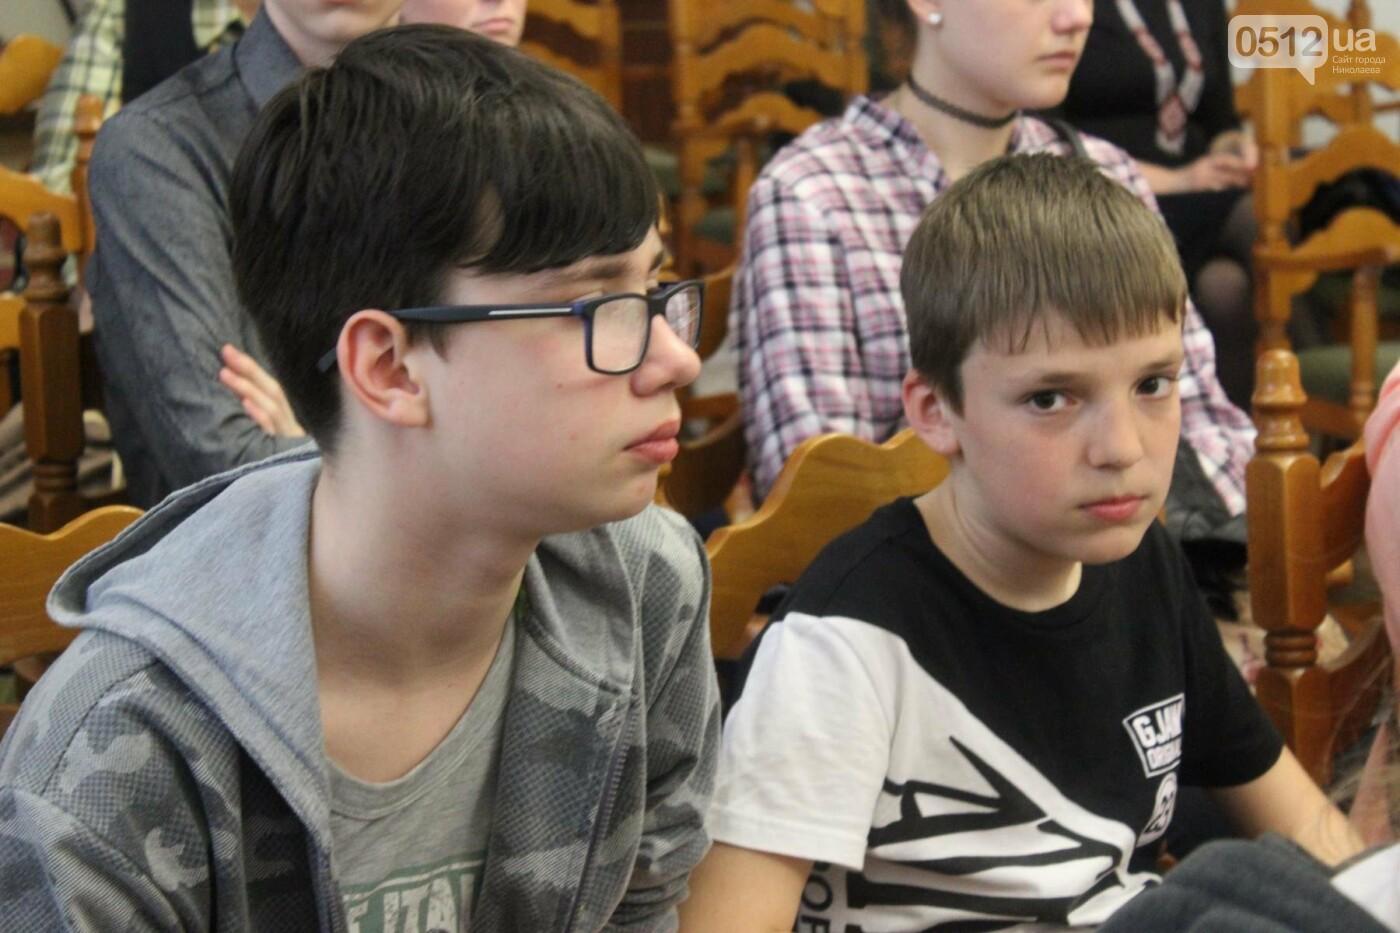 В Николаевском художественном музее рассказали, как подделывать картины, - ФОТО, фото-3